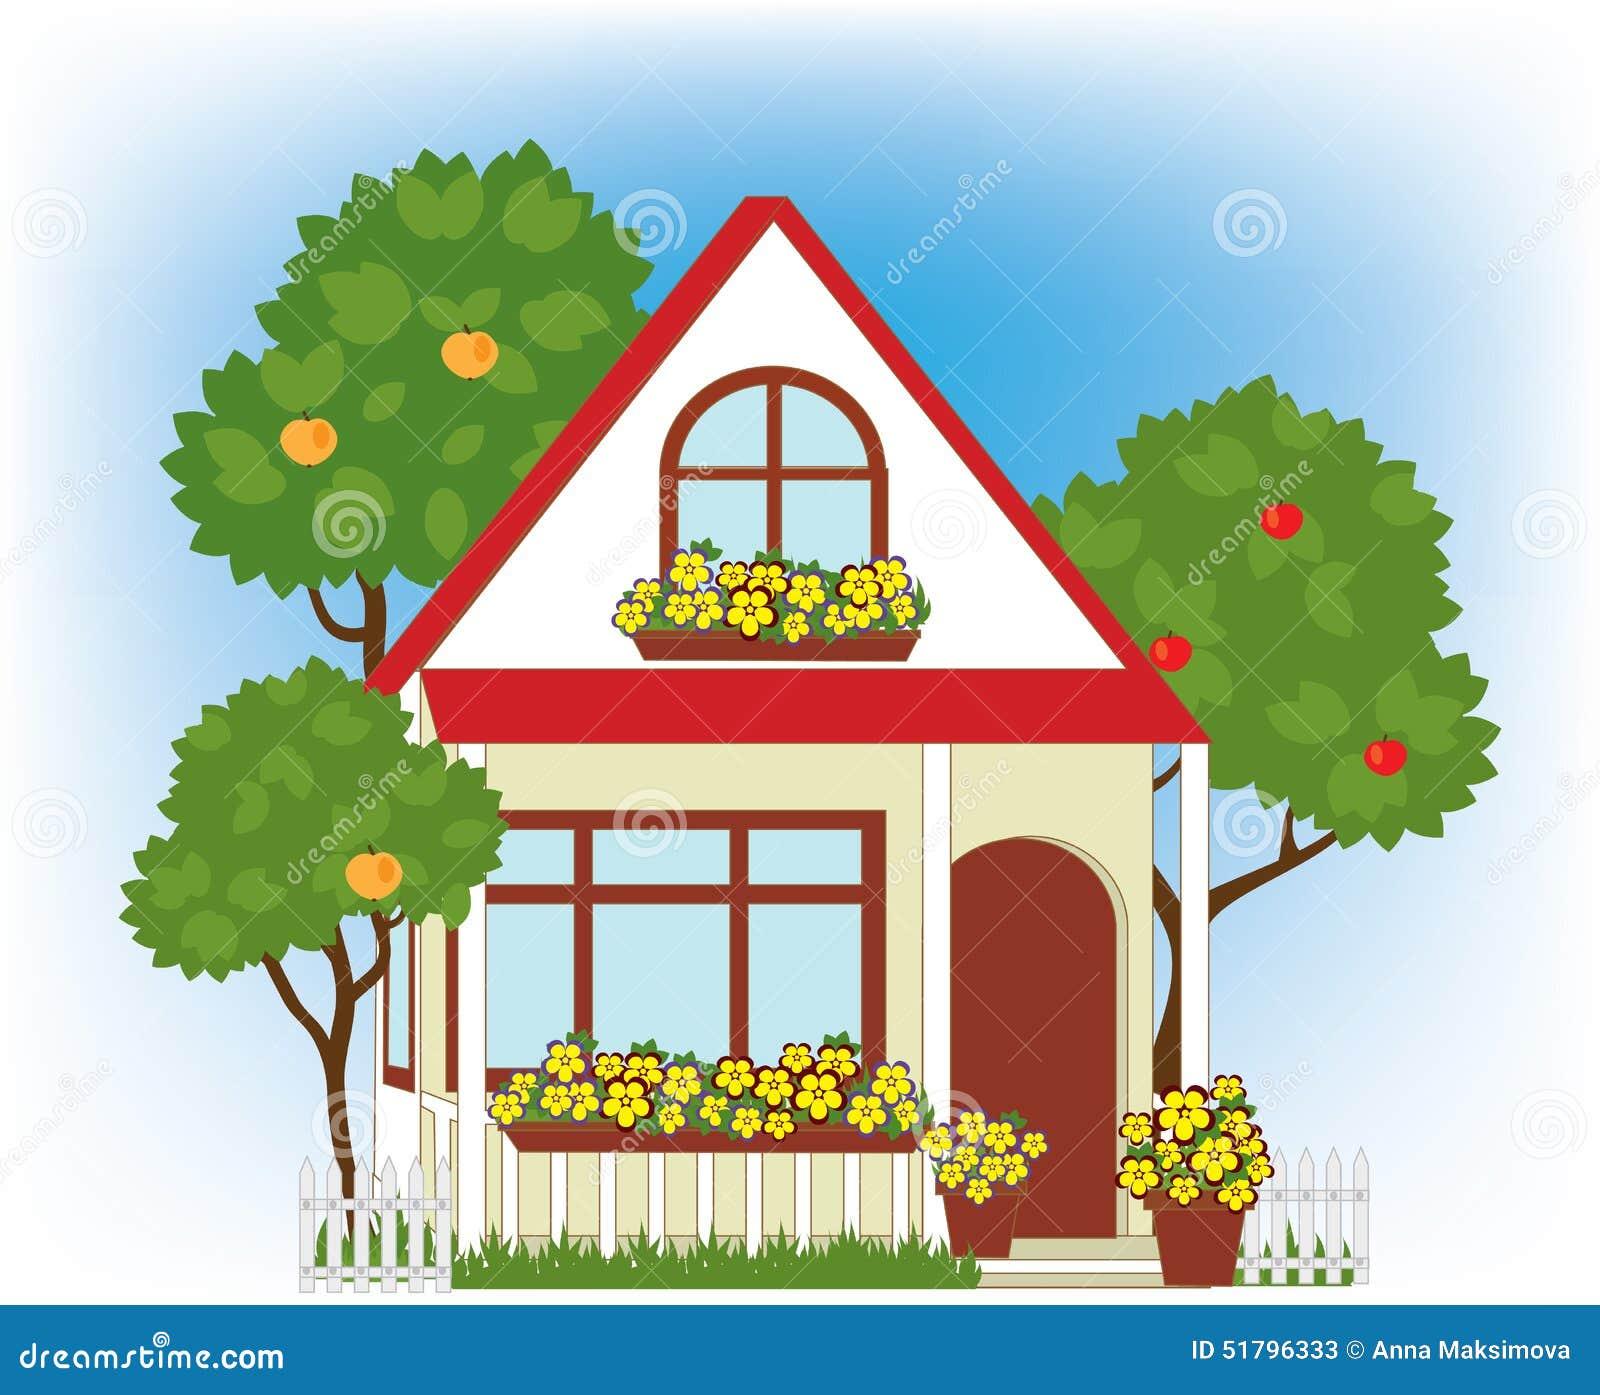 Haus Und Garten: Haus Und Garten Vektor Abbildung. Illustration Von Gebäude